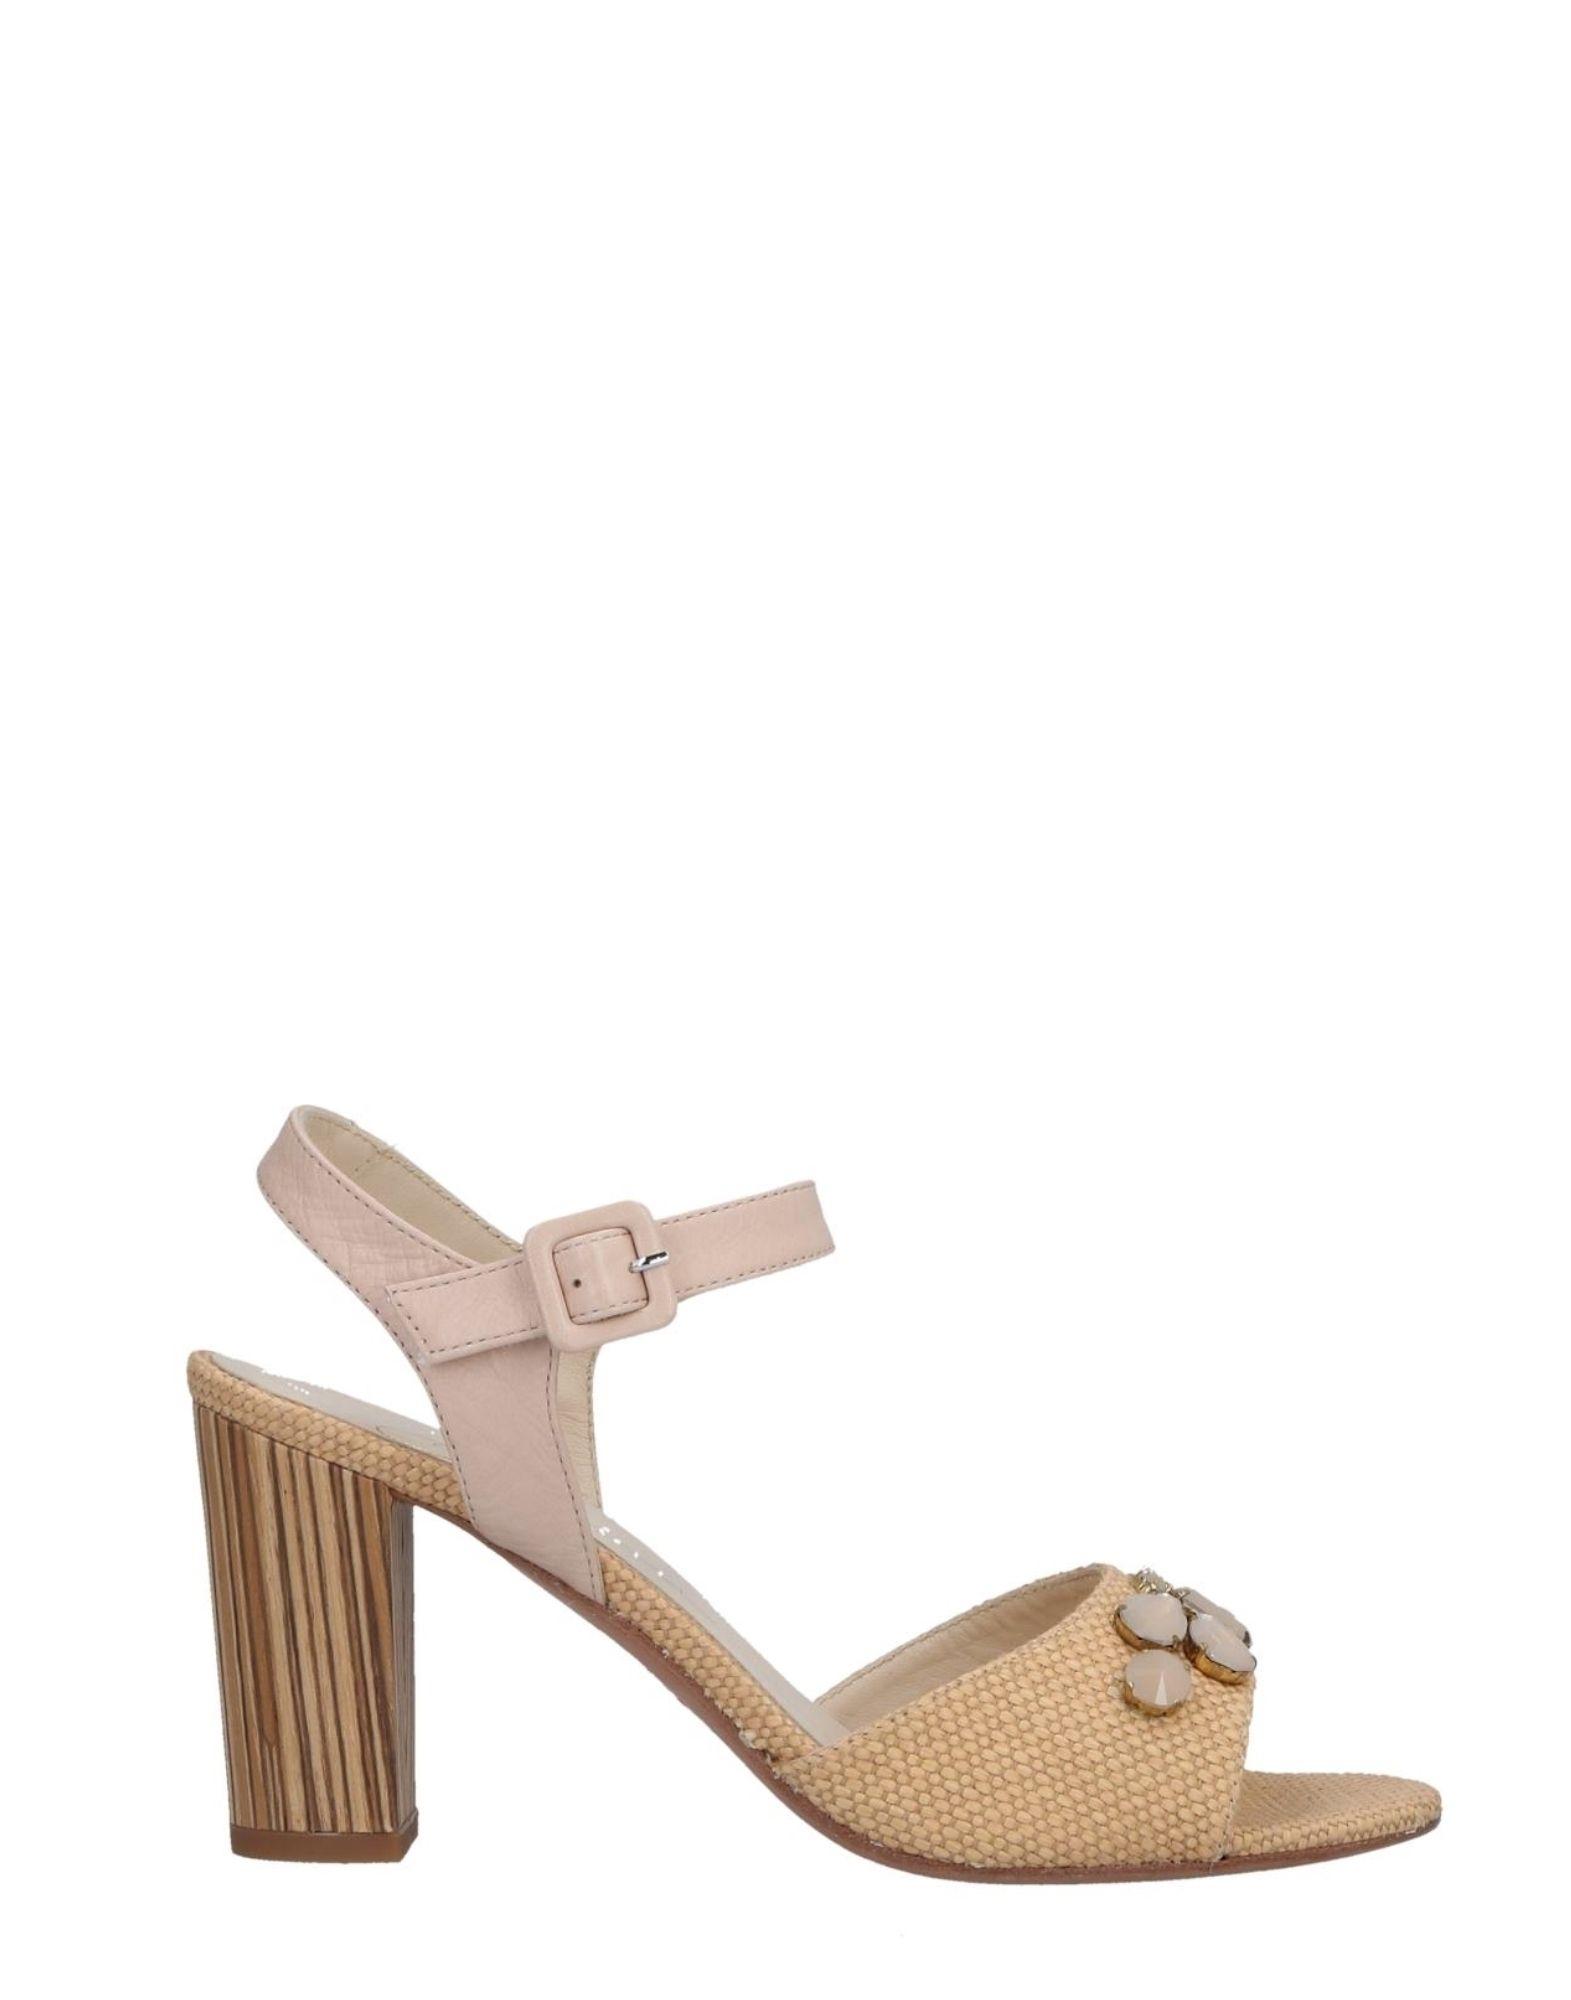 Moda Sandali Marian Donna Donna Marian - 11514440OO 4c18c2